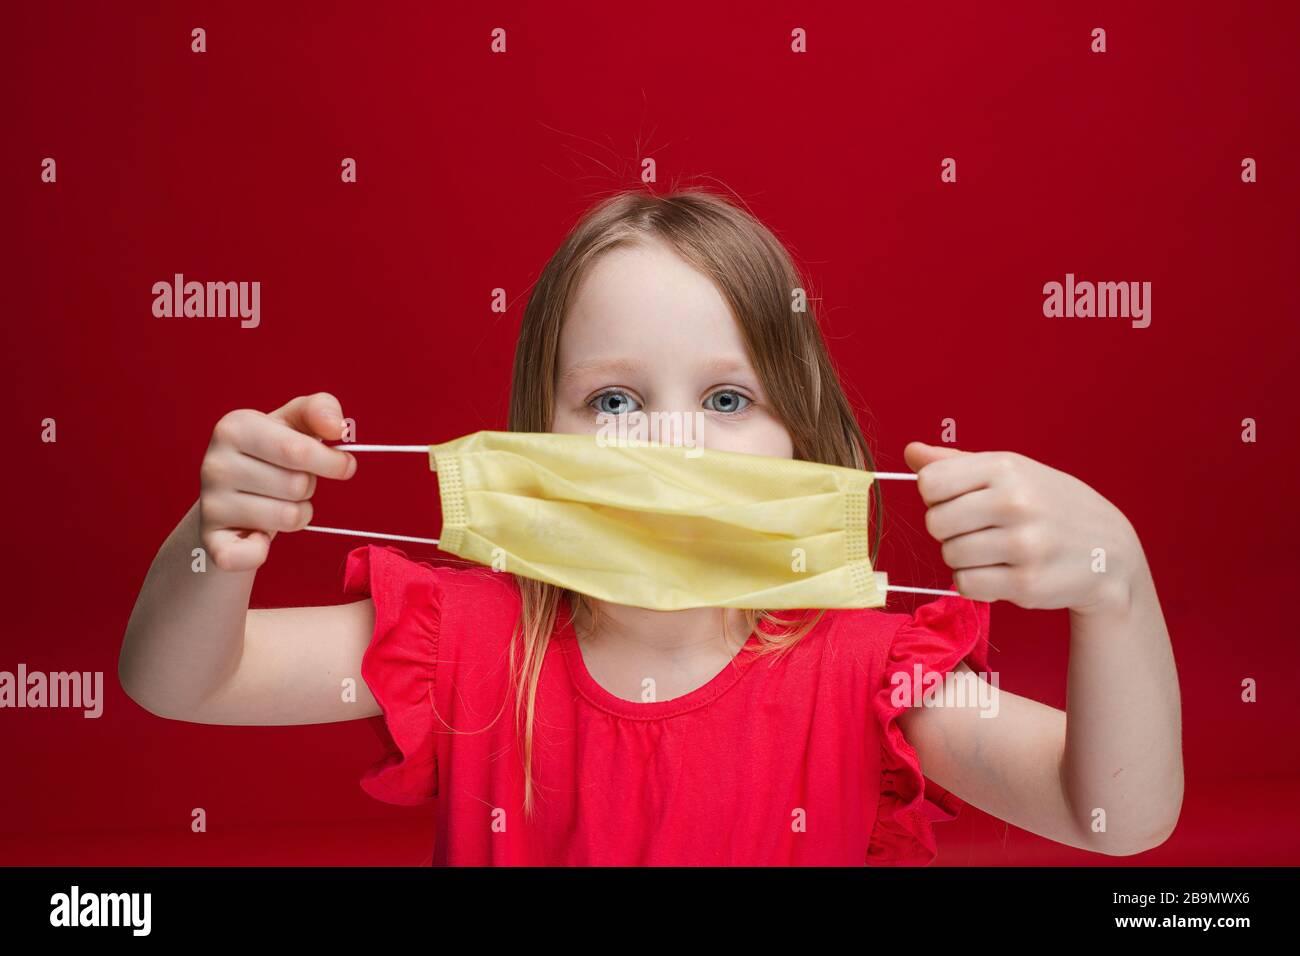 Linda niña posando con medicina de seguridad máscara de salud protección bacteriana Foto de stock